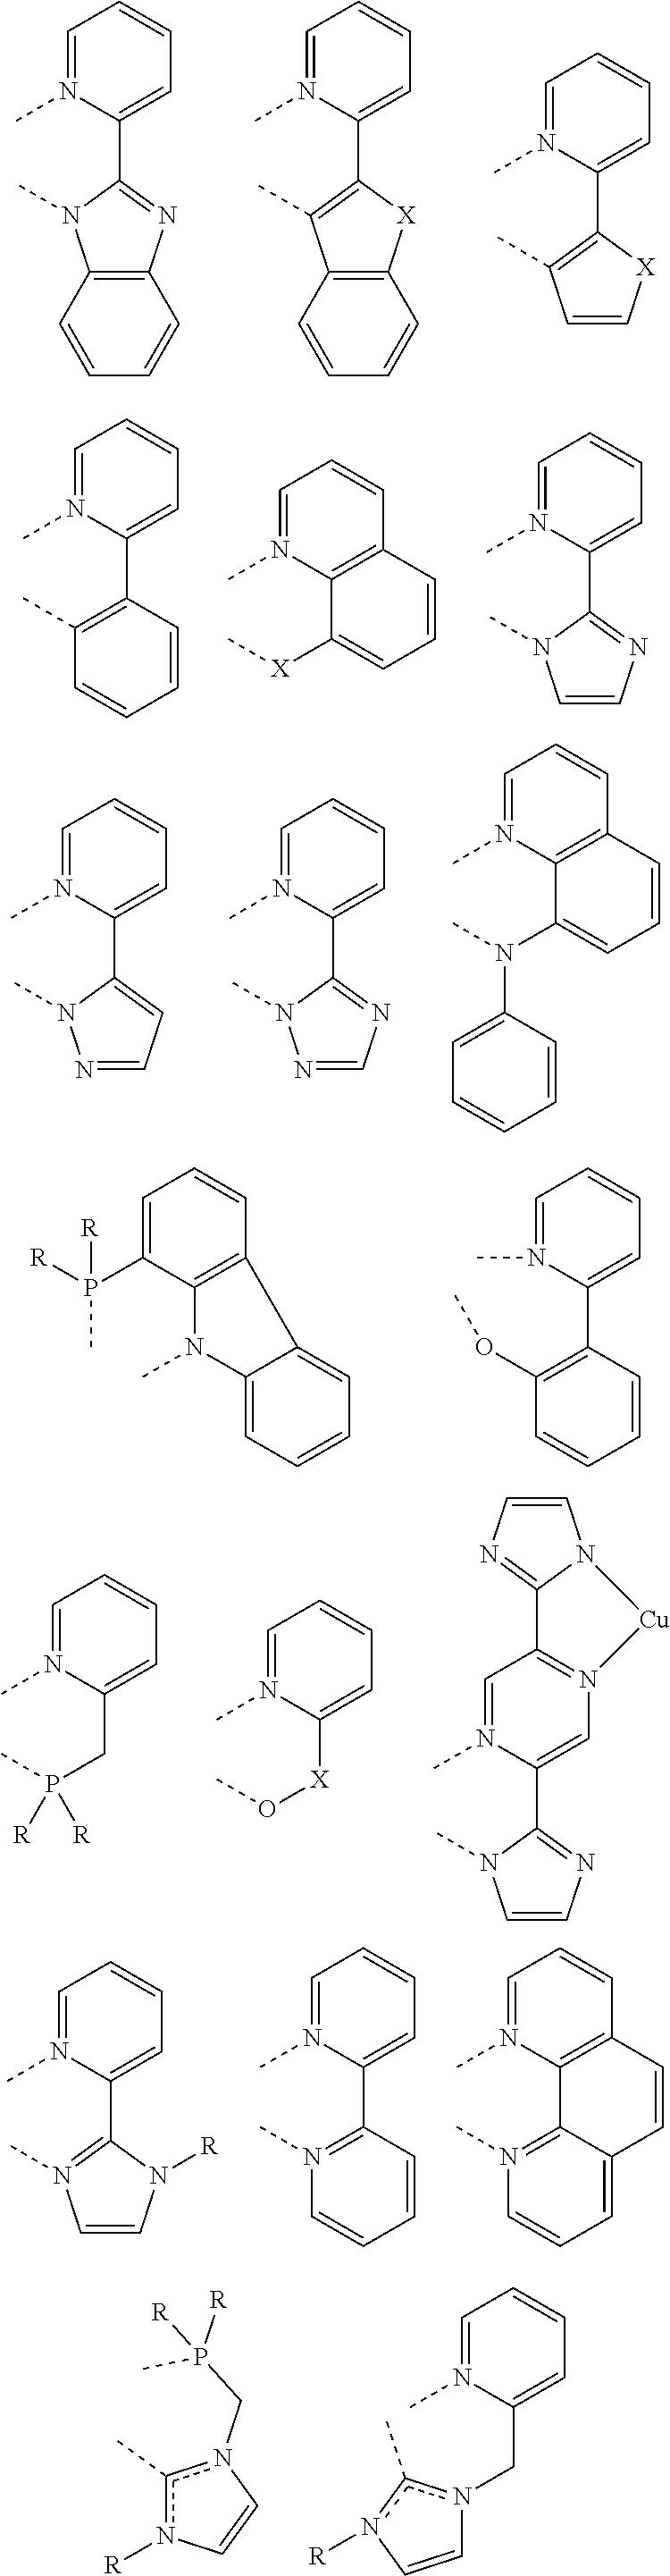 Figure US09773986-20170926-C00265